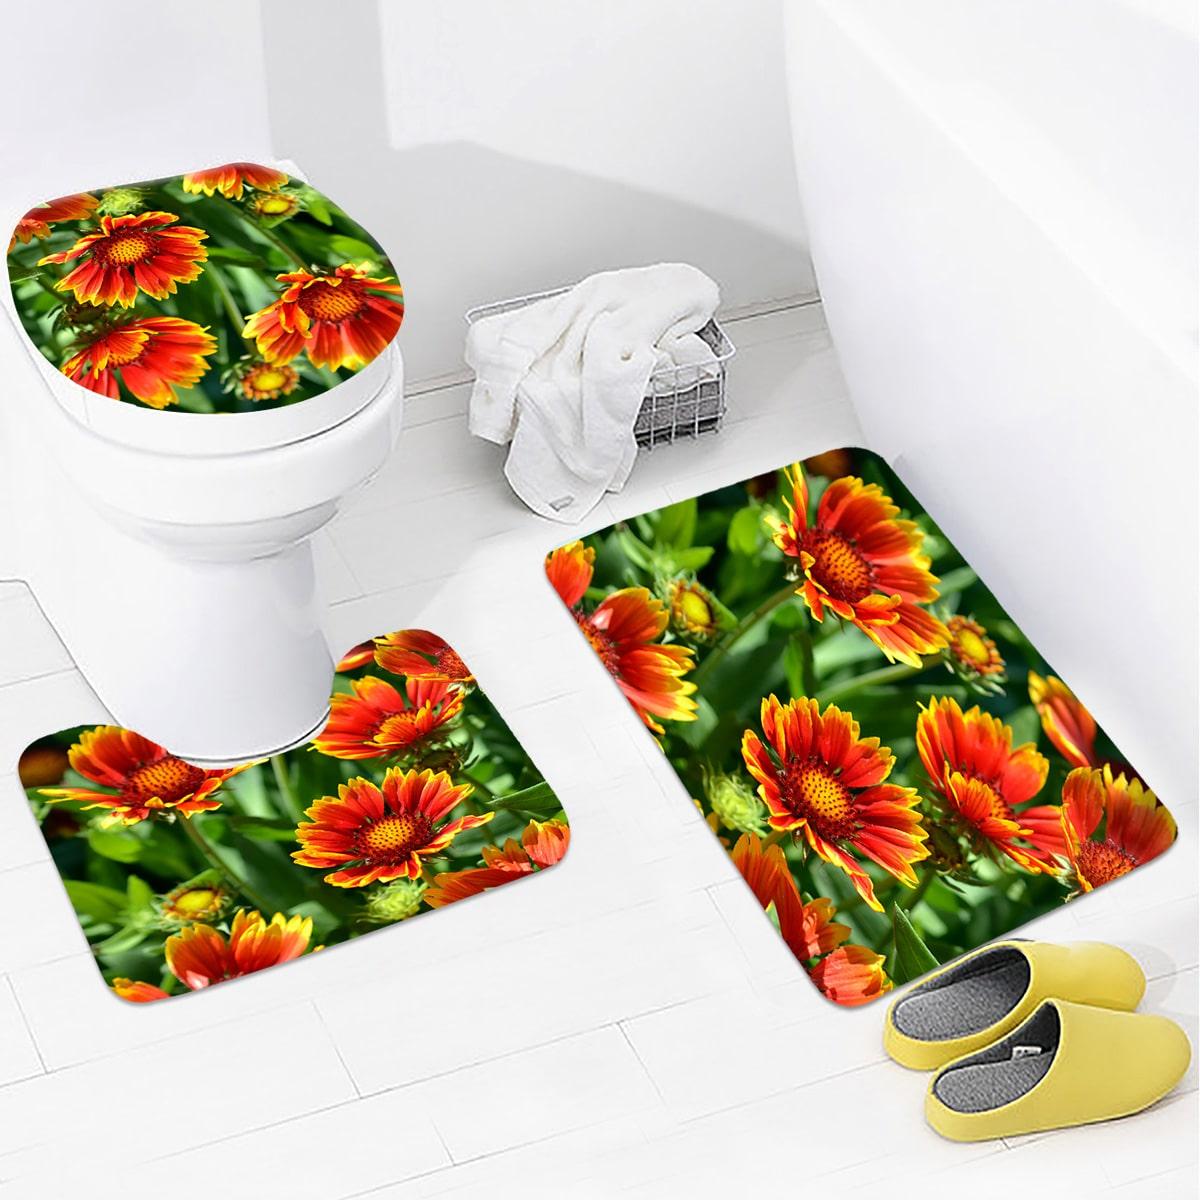 1 Stück Non-Slip Badematte mit Blumen Muster